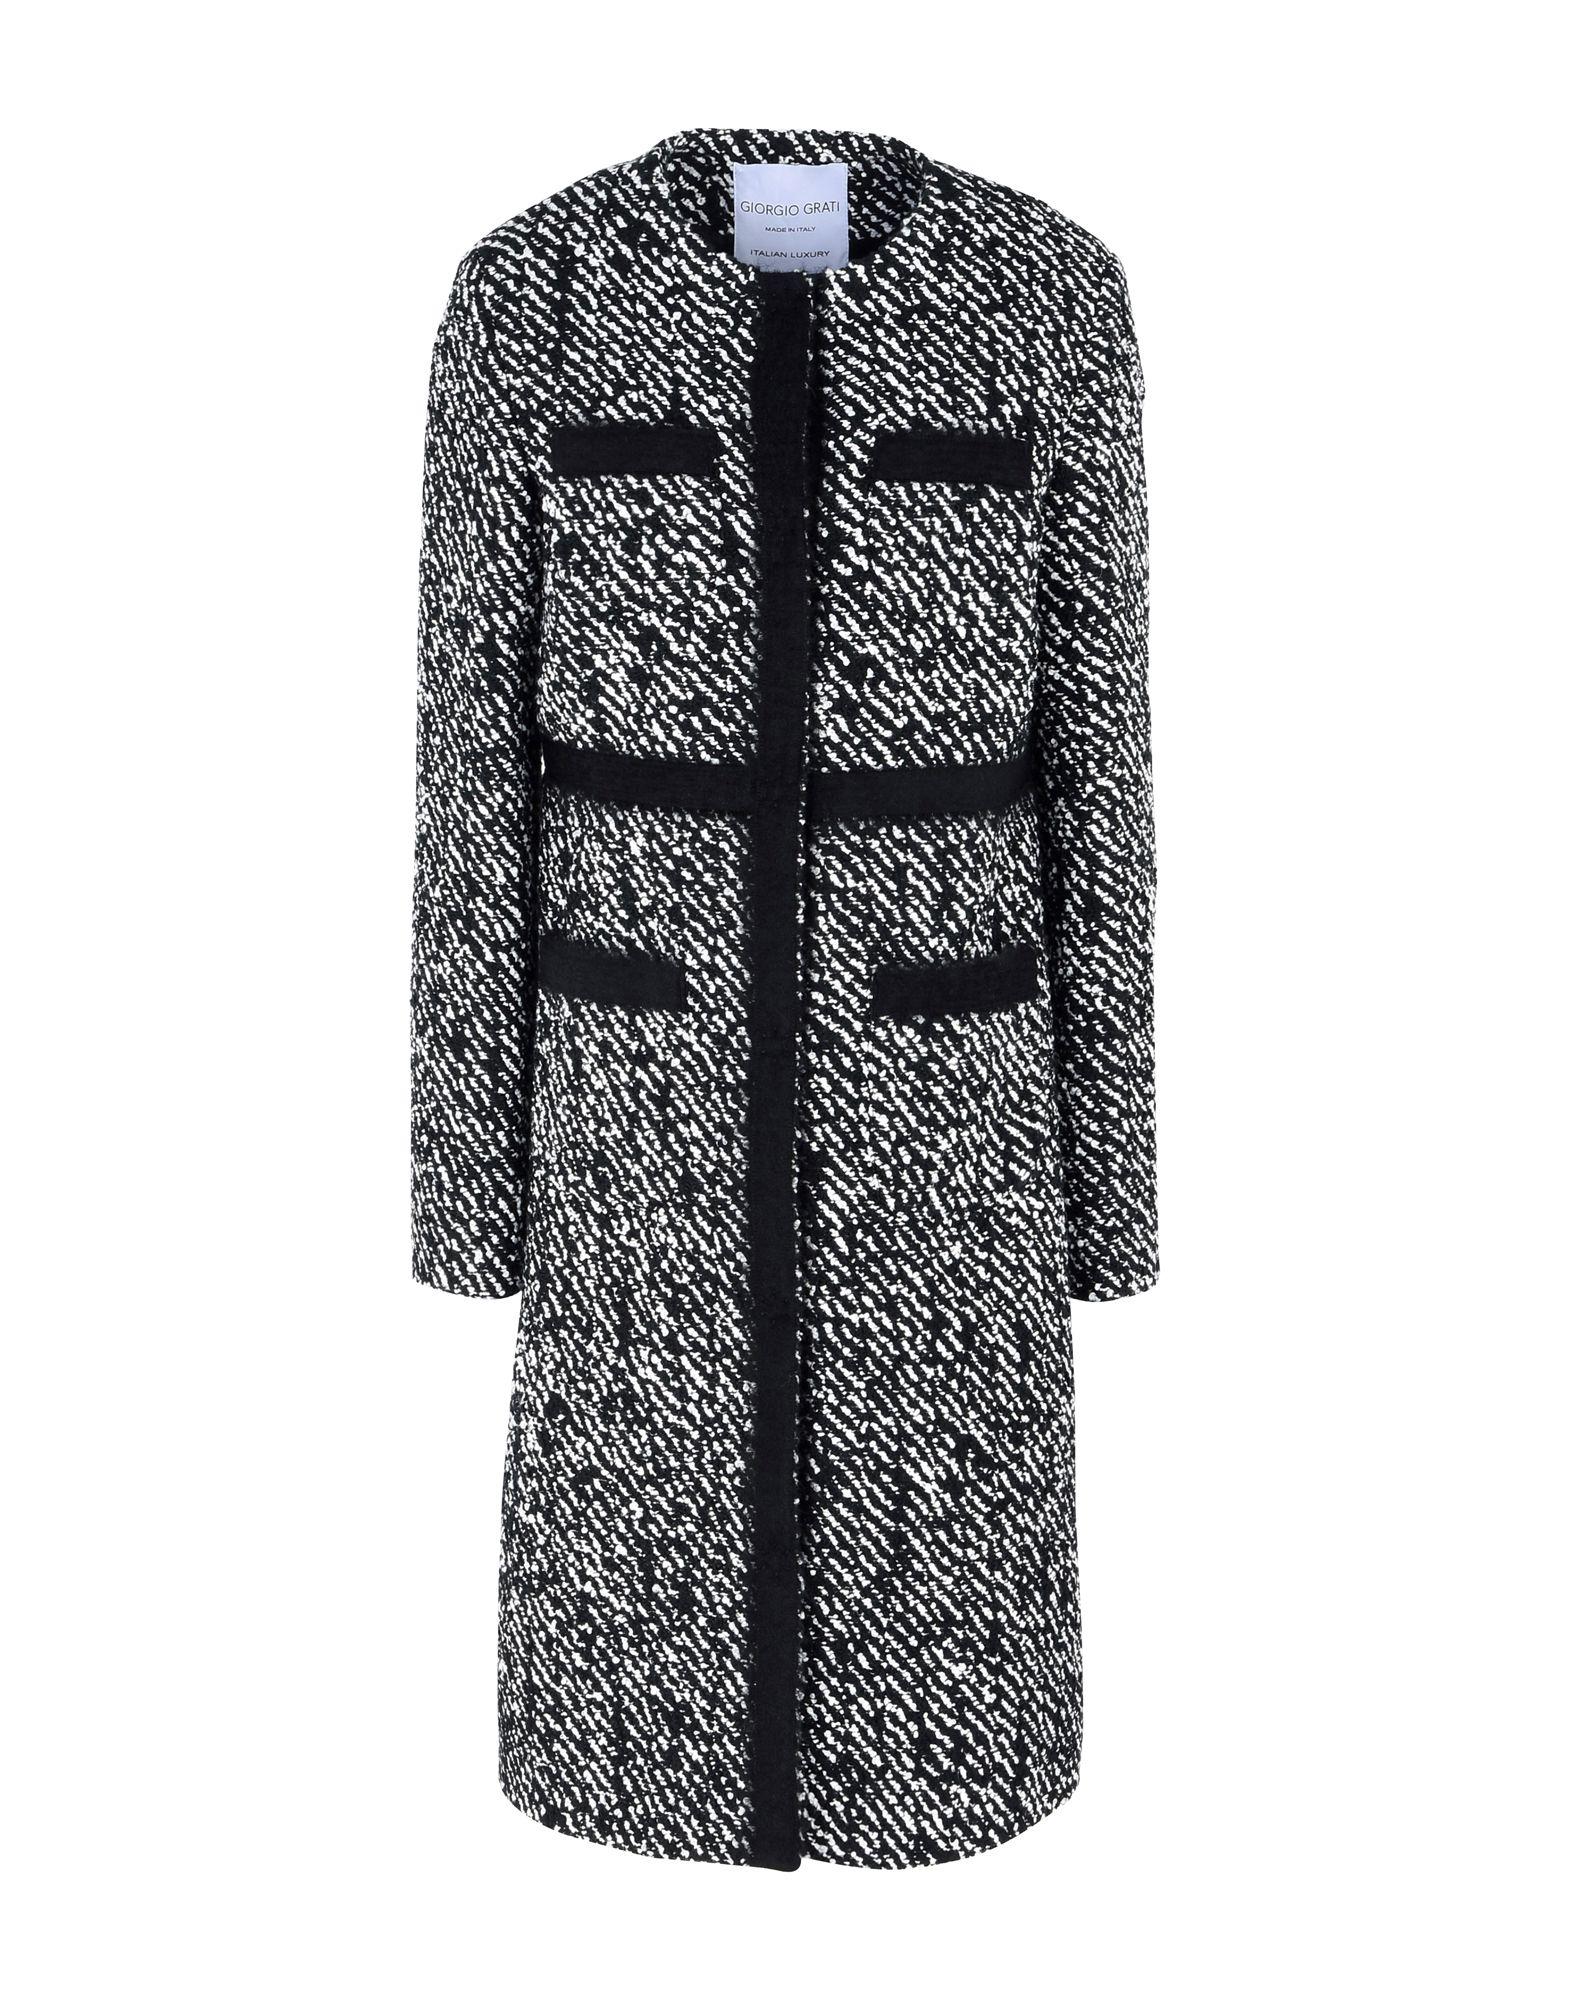 GIORGIO GRATI Пальто giorgio grati легкое пальто